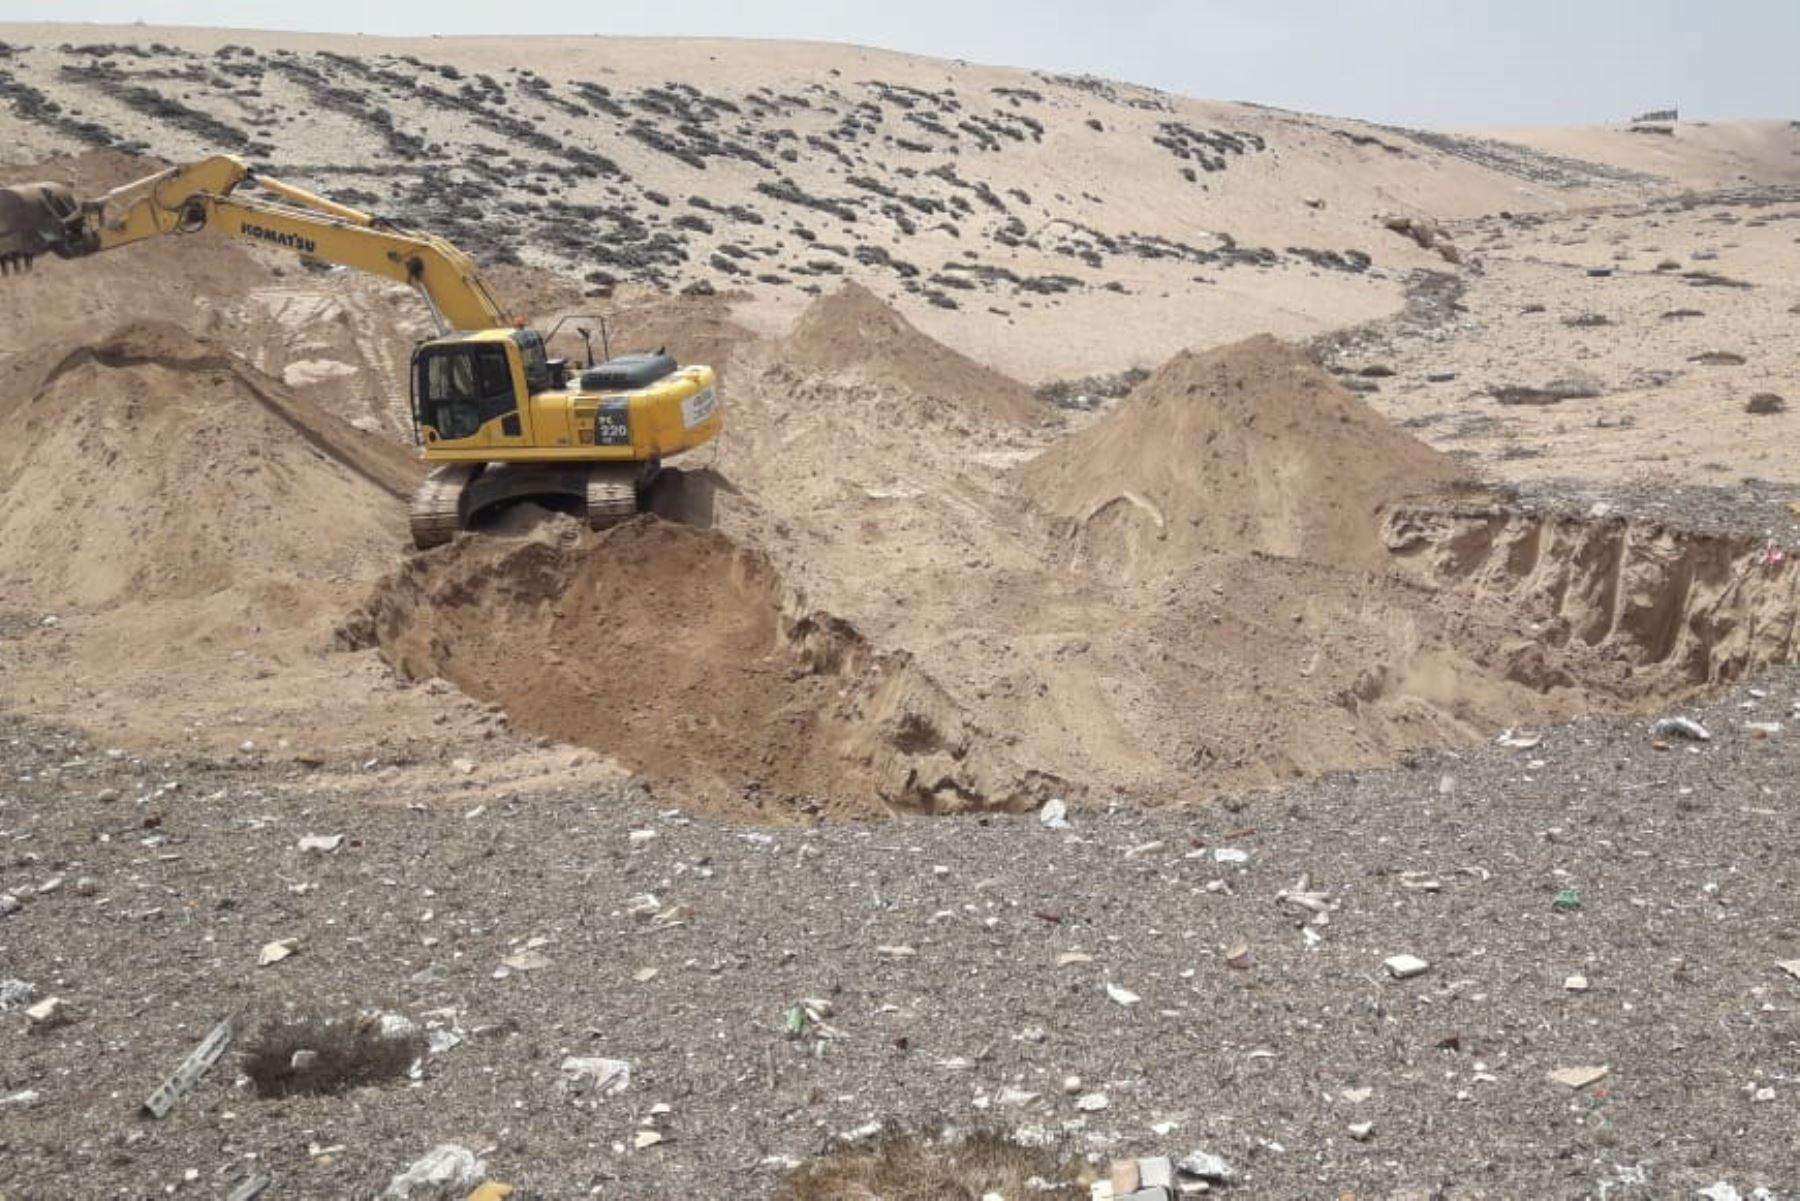 Tras el huaico que afectó a varias localidades de la región Tacna, el Ministerio de Vivienda, Construcción y Saneamiento (MVCS) puso a disposición de las autoridades locales maquinaria pesada para ejecutar la limpieza de lodos y escombros de los distritos de Tacna, Alto del Alianza, Ciudad Nueva y Pocollay.